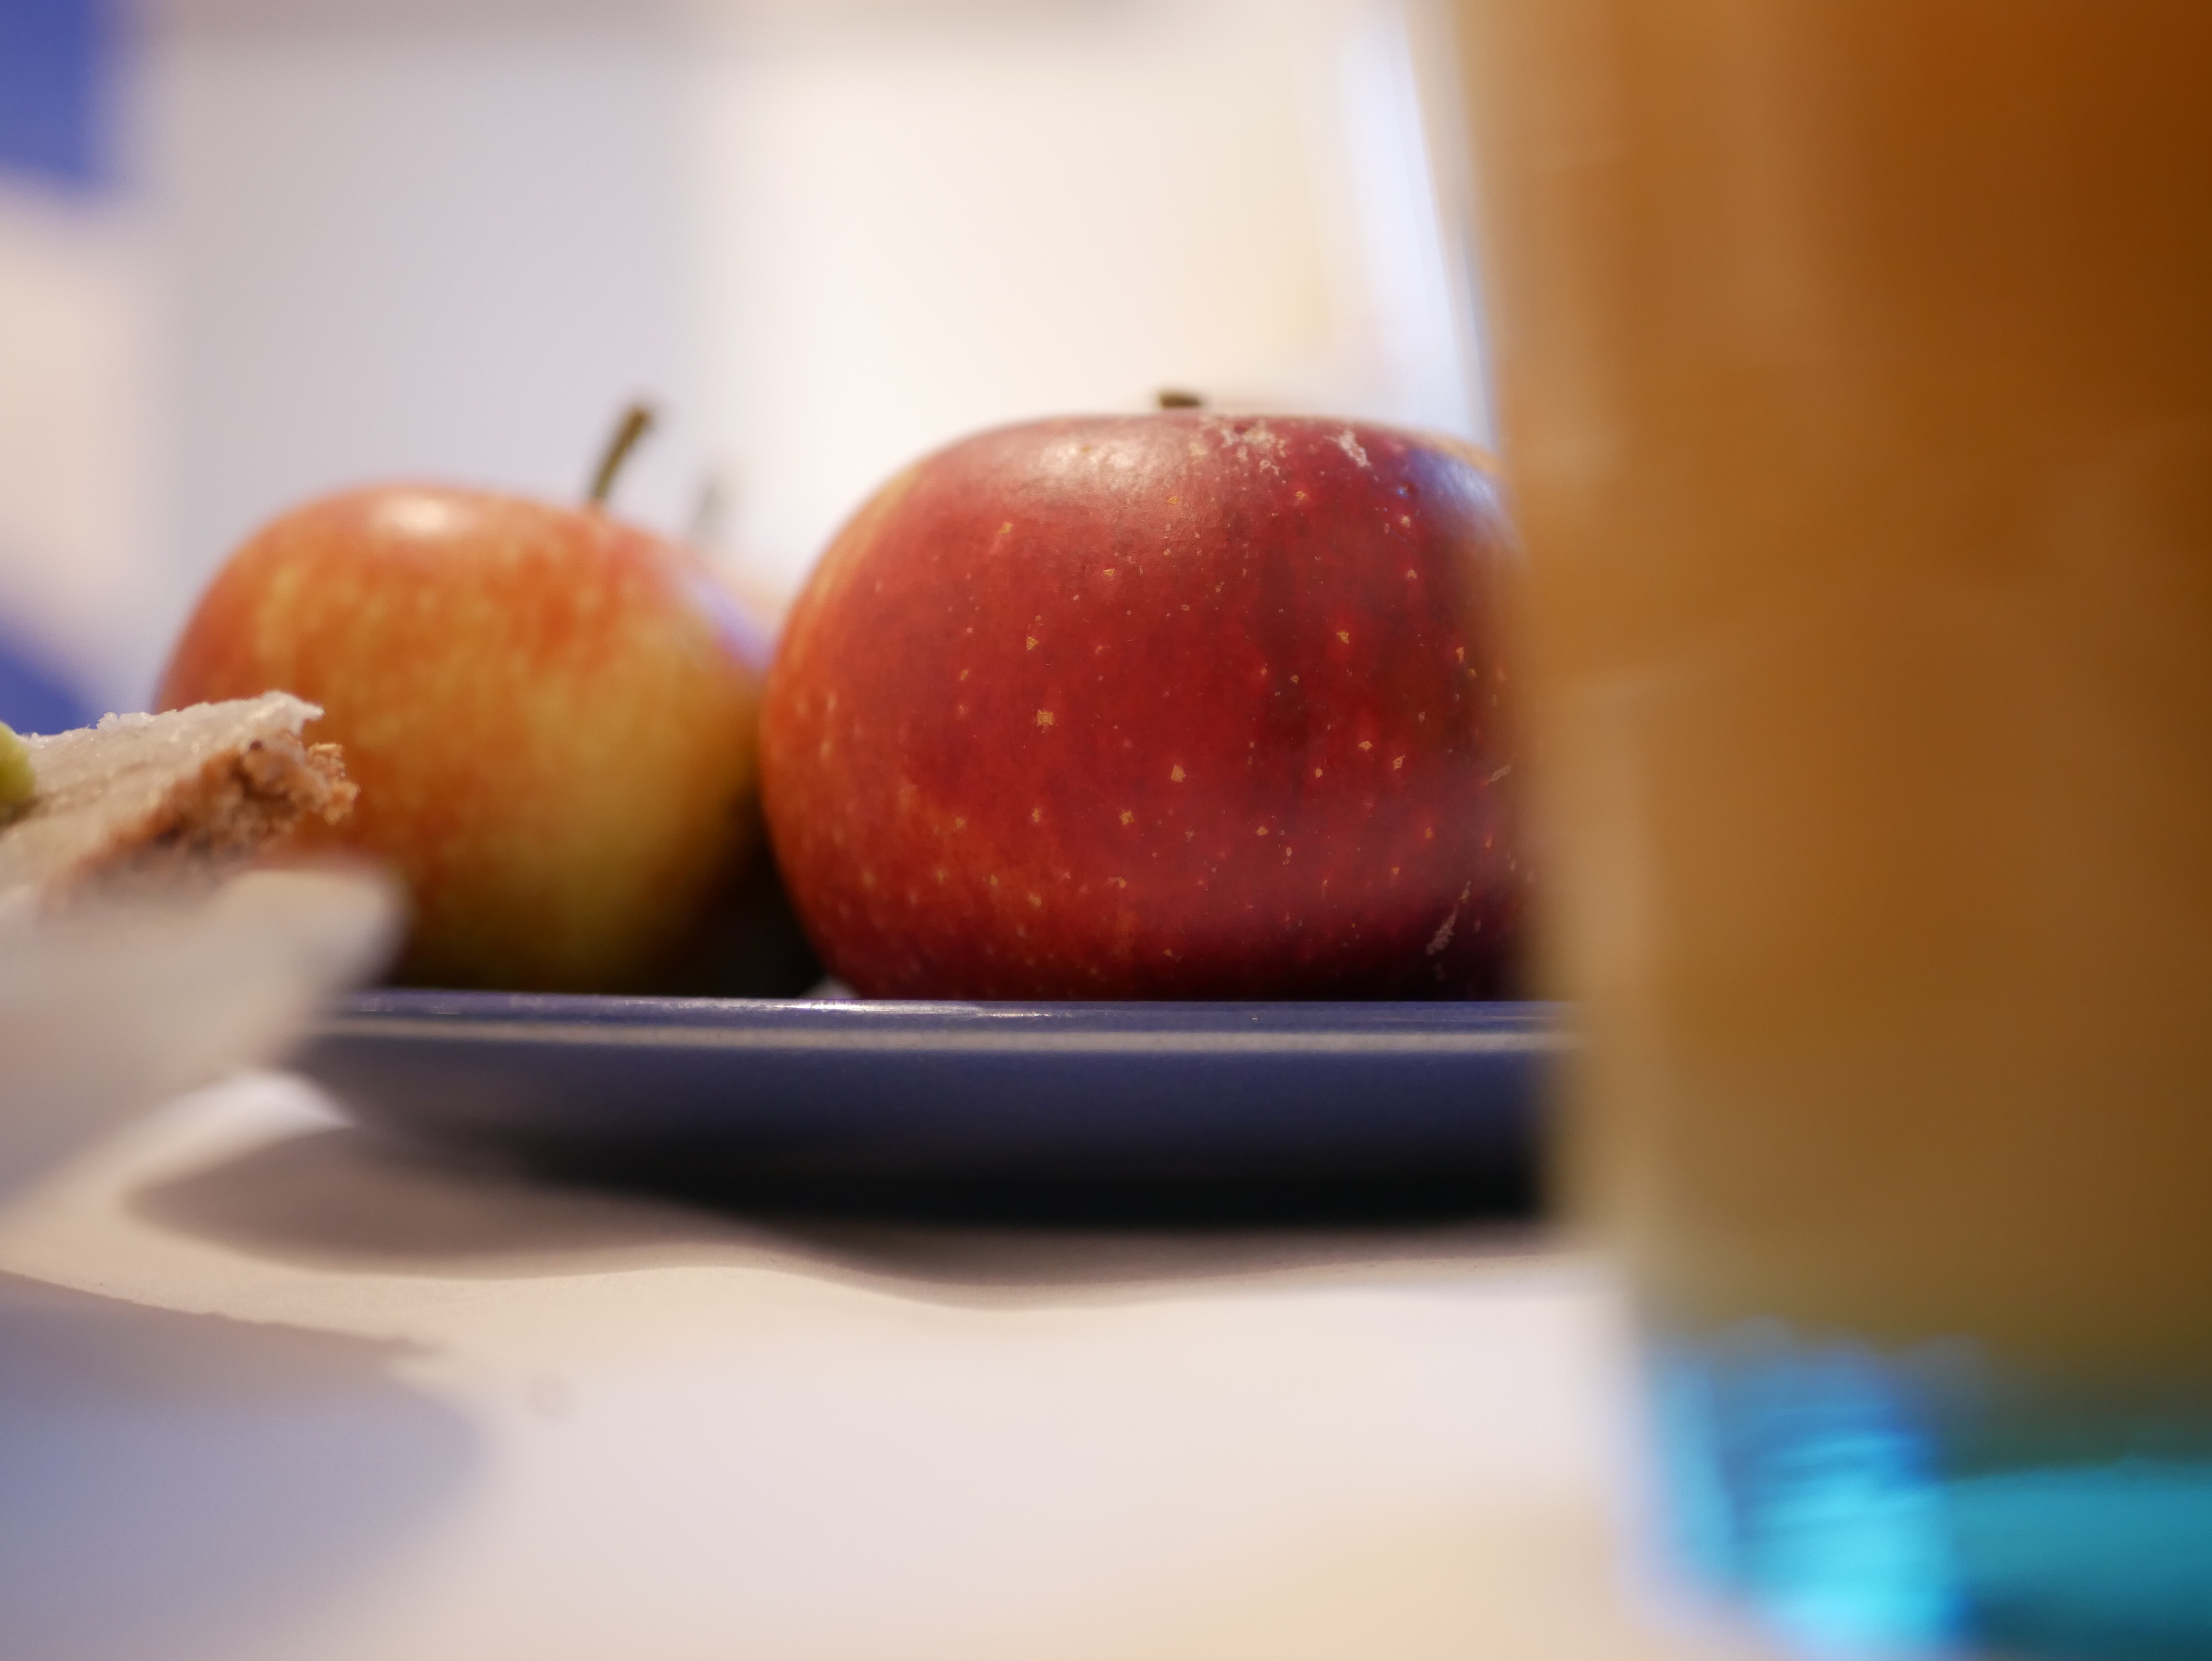 Ringana har även sportdrycker gjortda på rena phyto-ämnen som frystorkade bär och frukter utan tillsatser av socker.